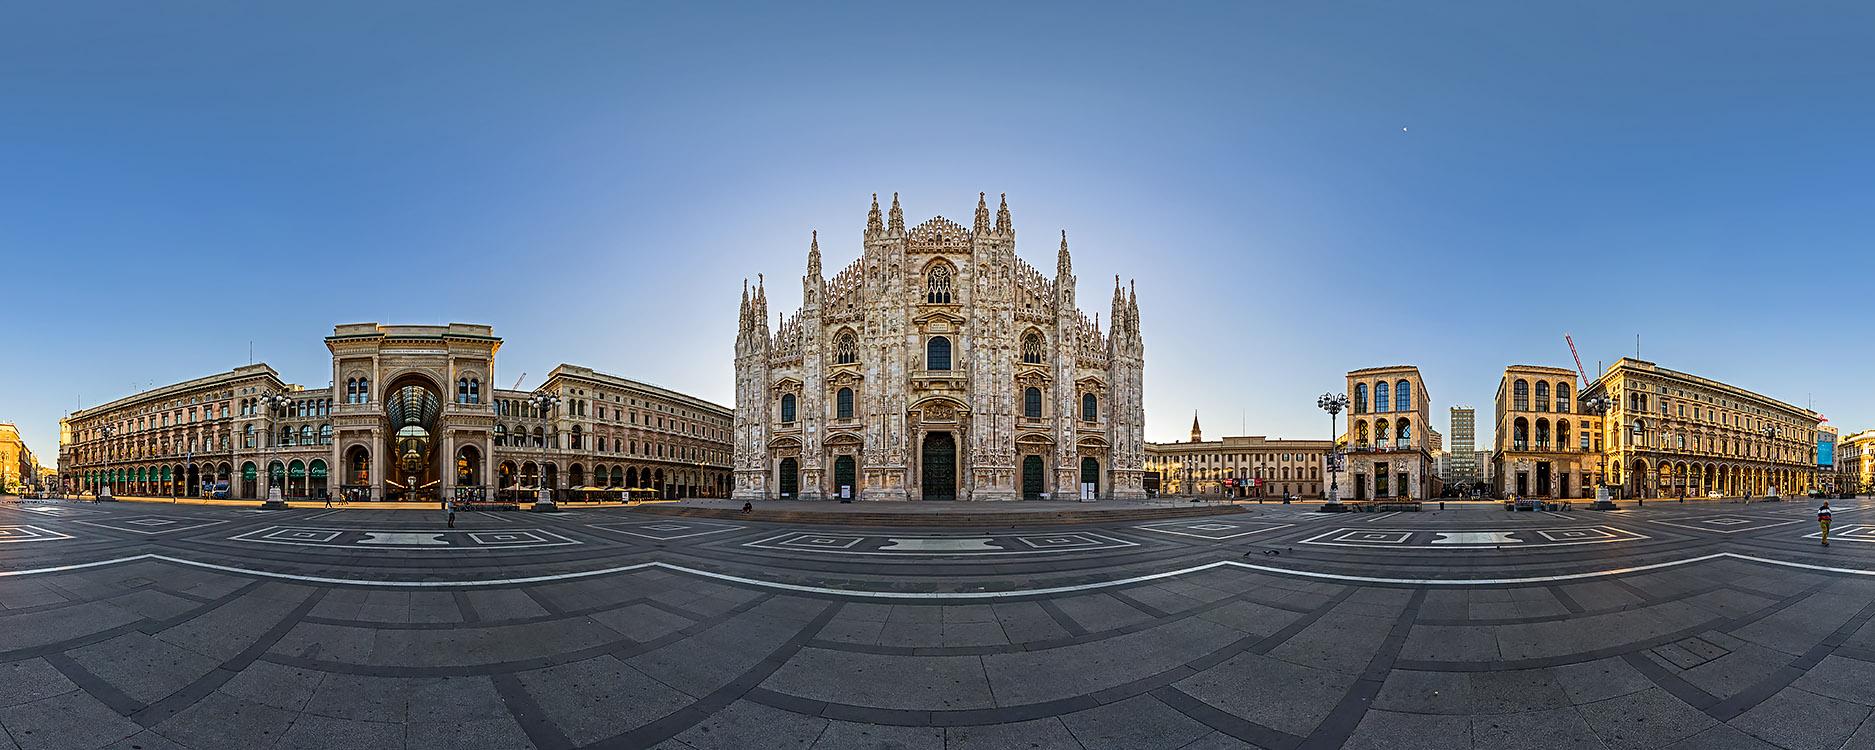 Tour Virtuale: Il Duomo di Milano